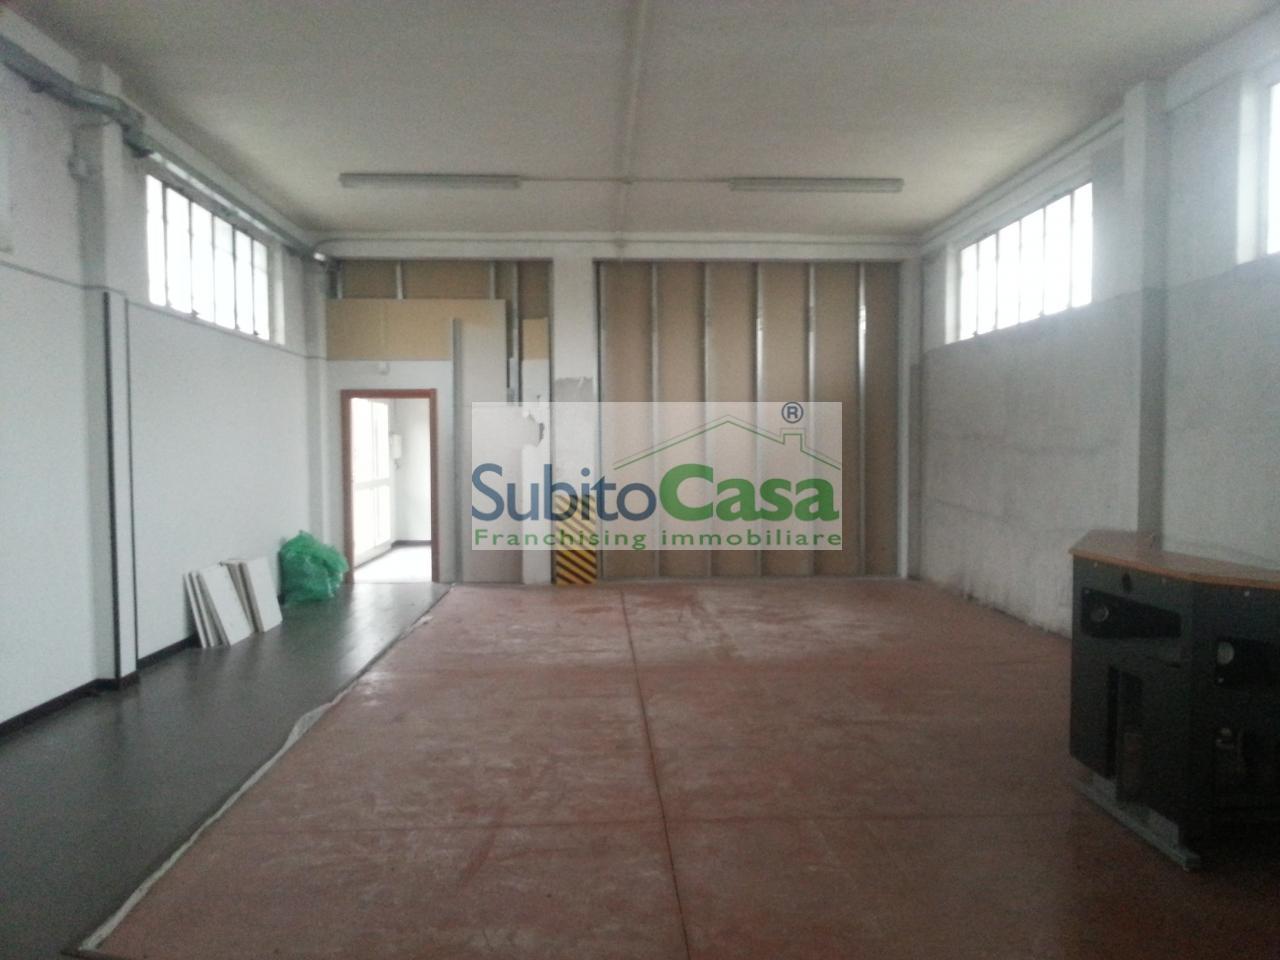 Capannone in affitto a Chieti, 9999 locali, zona Località: ChietiScaloZonaIndustriale, prezzo € 750 | CambioCasa.it